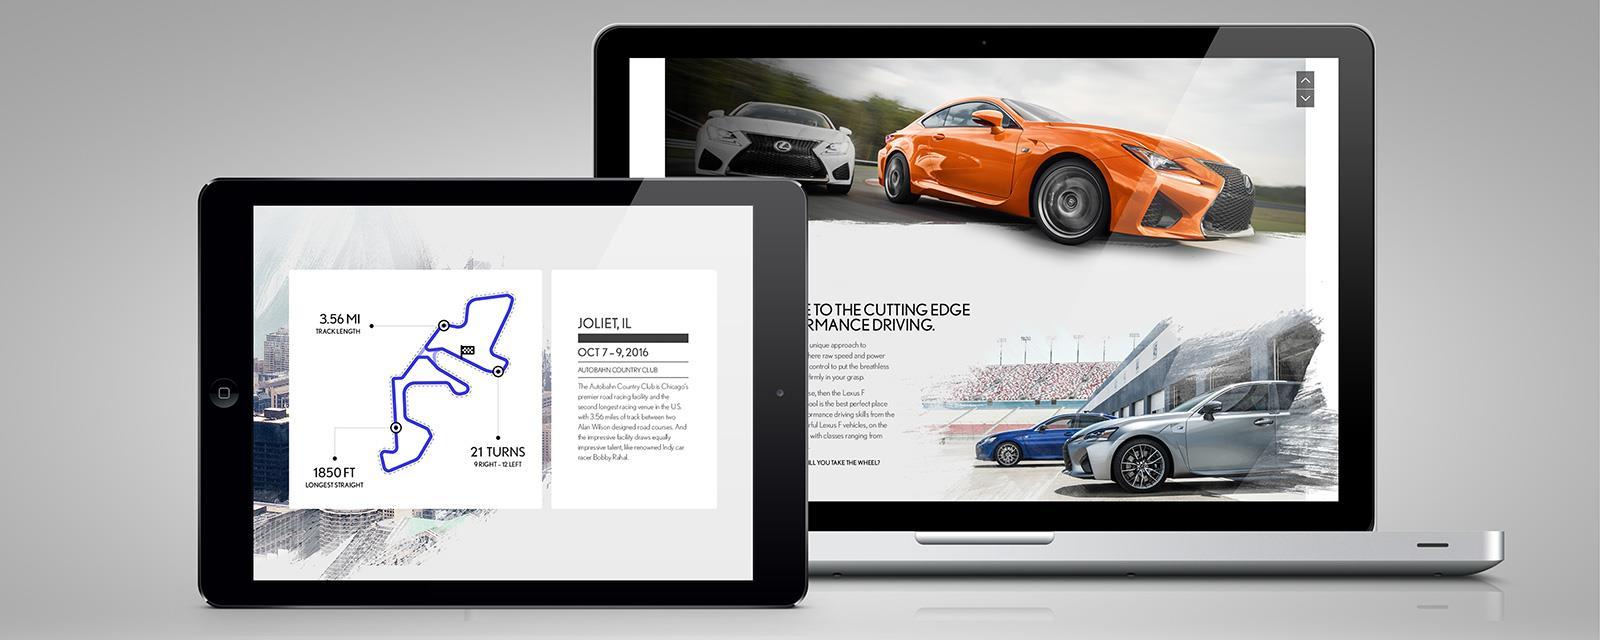 Lexus Performance Driving School Website